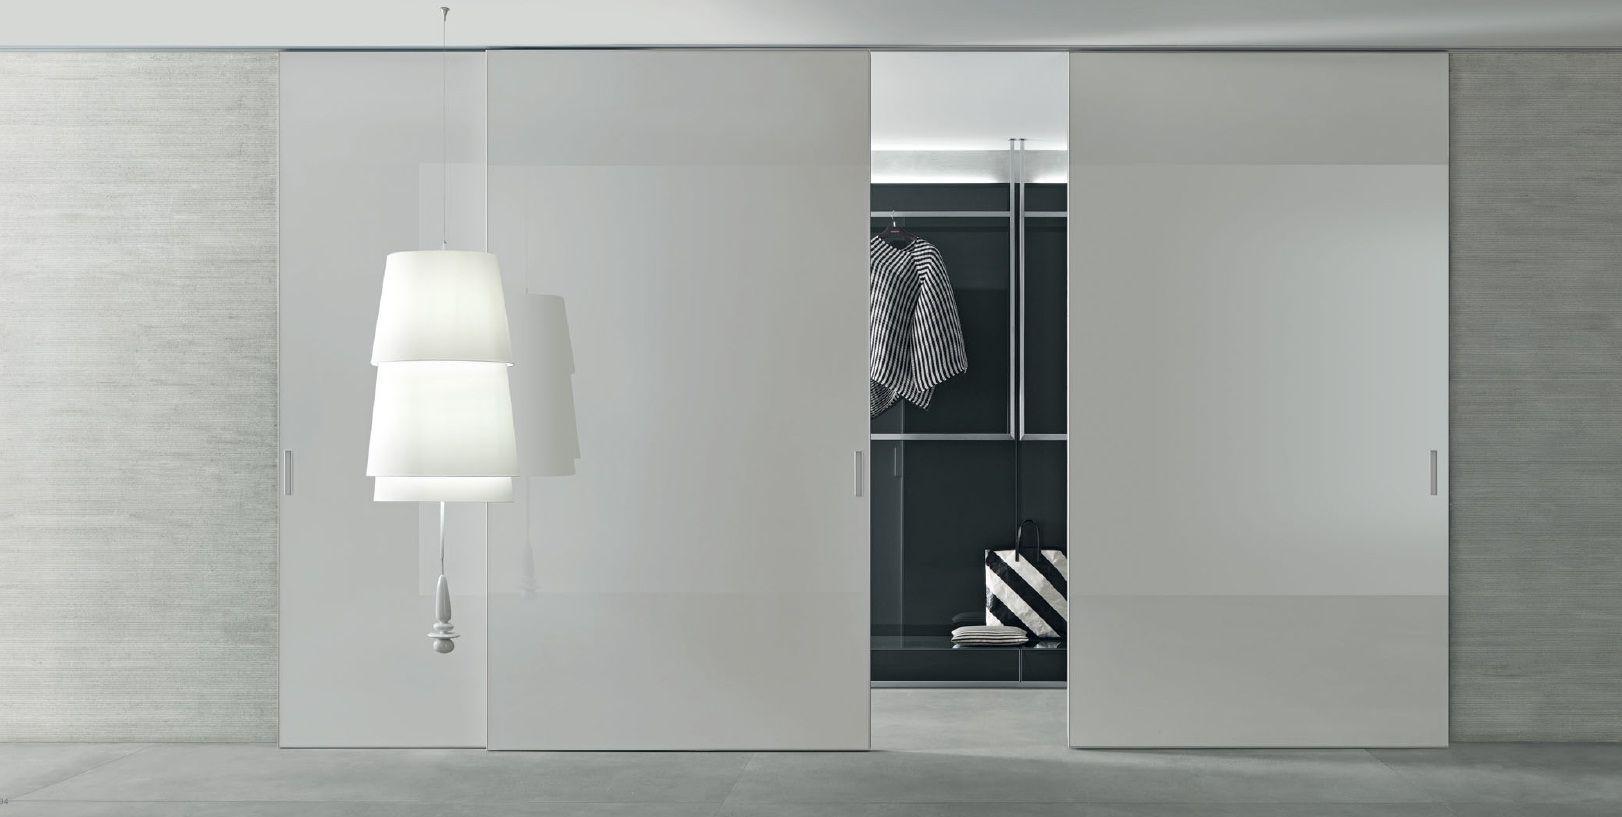 #272D30 Portes Coulissantes En Suisse 1159 armoires portes coulissantes suisse 1622x817 px @ aertt.com